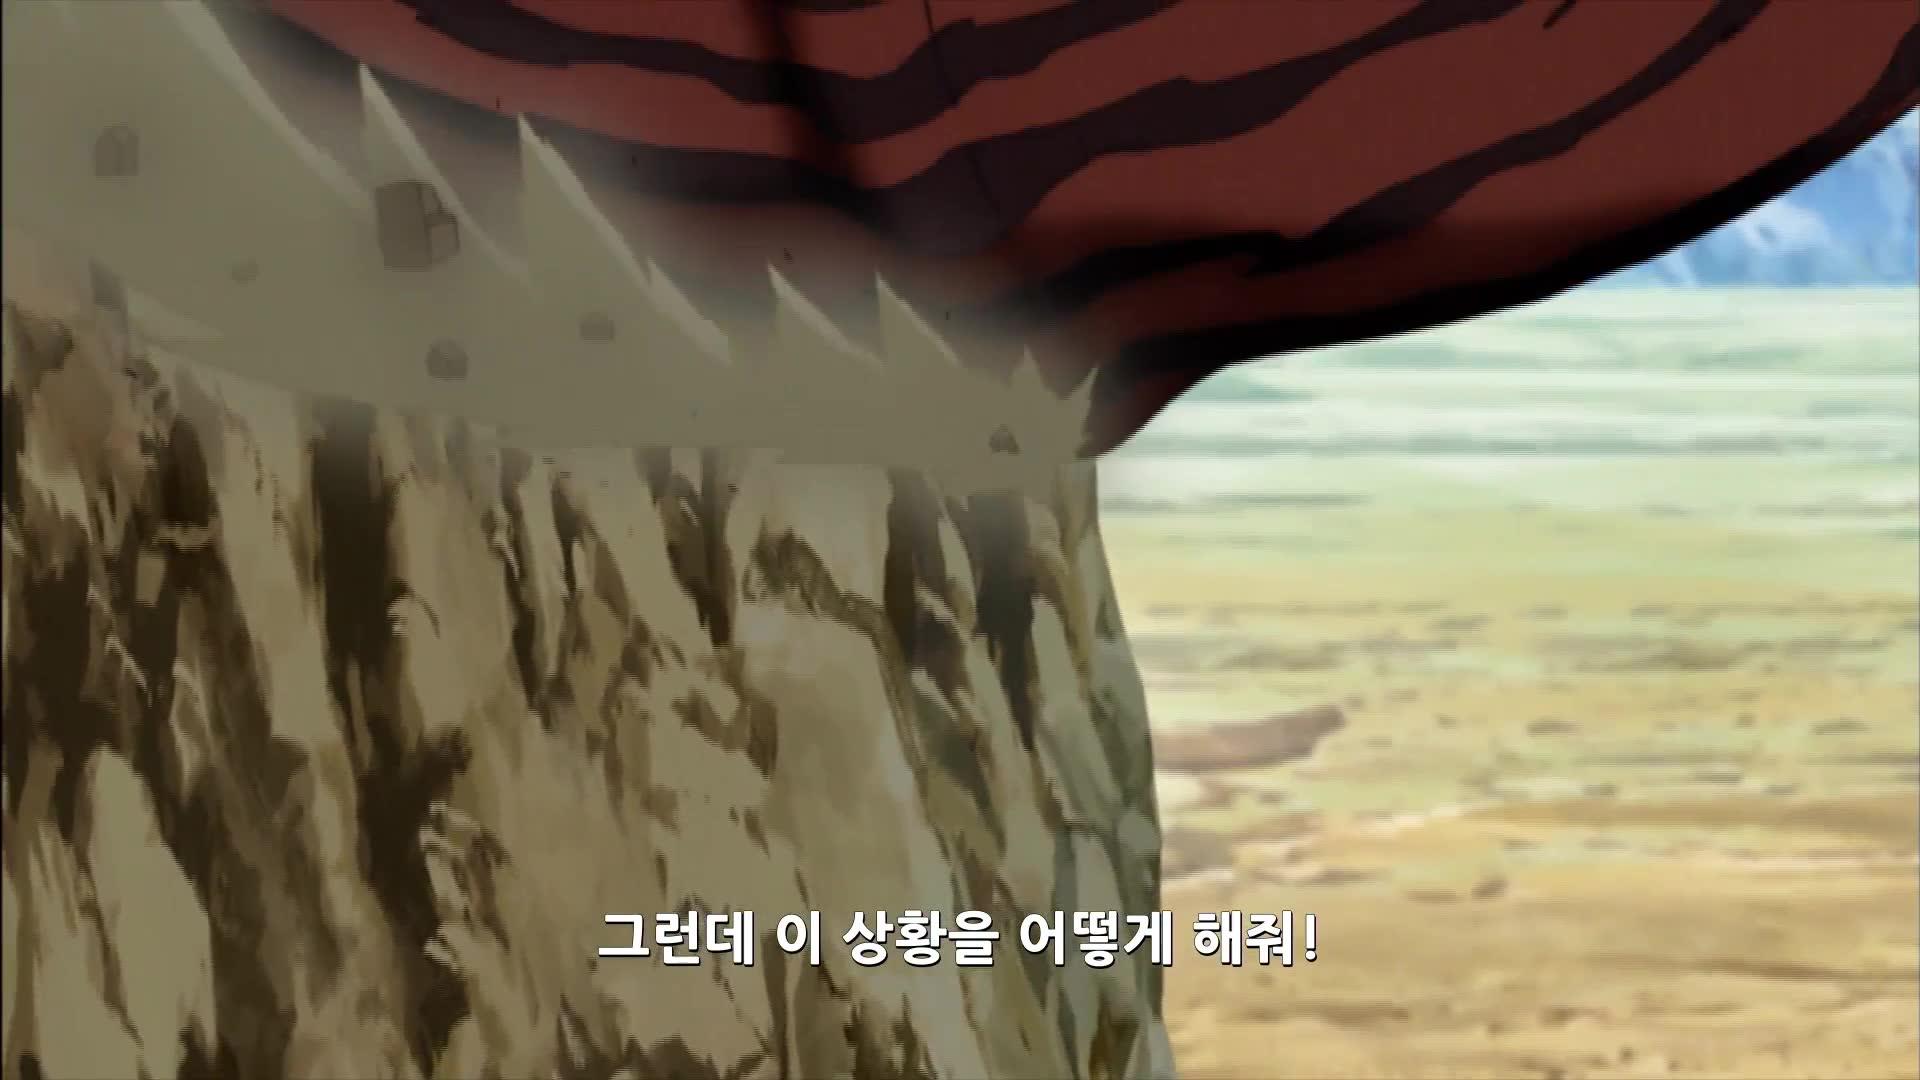 12화 최강의 조력자! 격돌, 코코 대 GR 로봇!